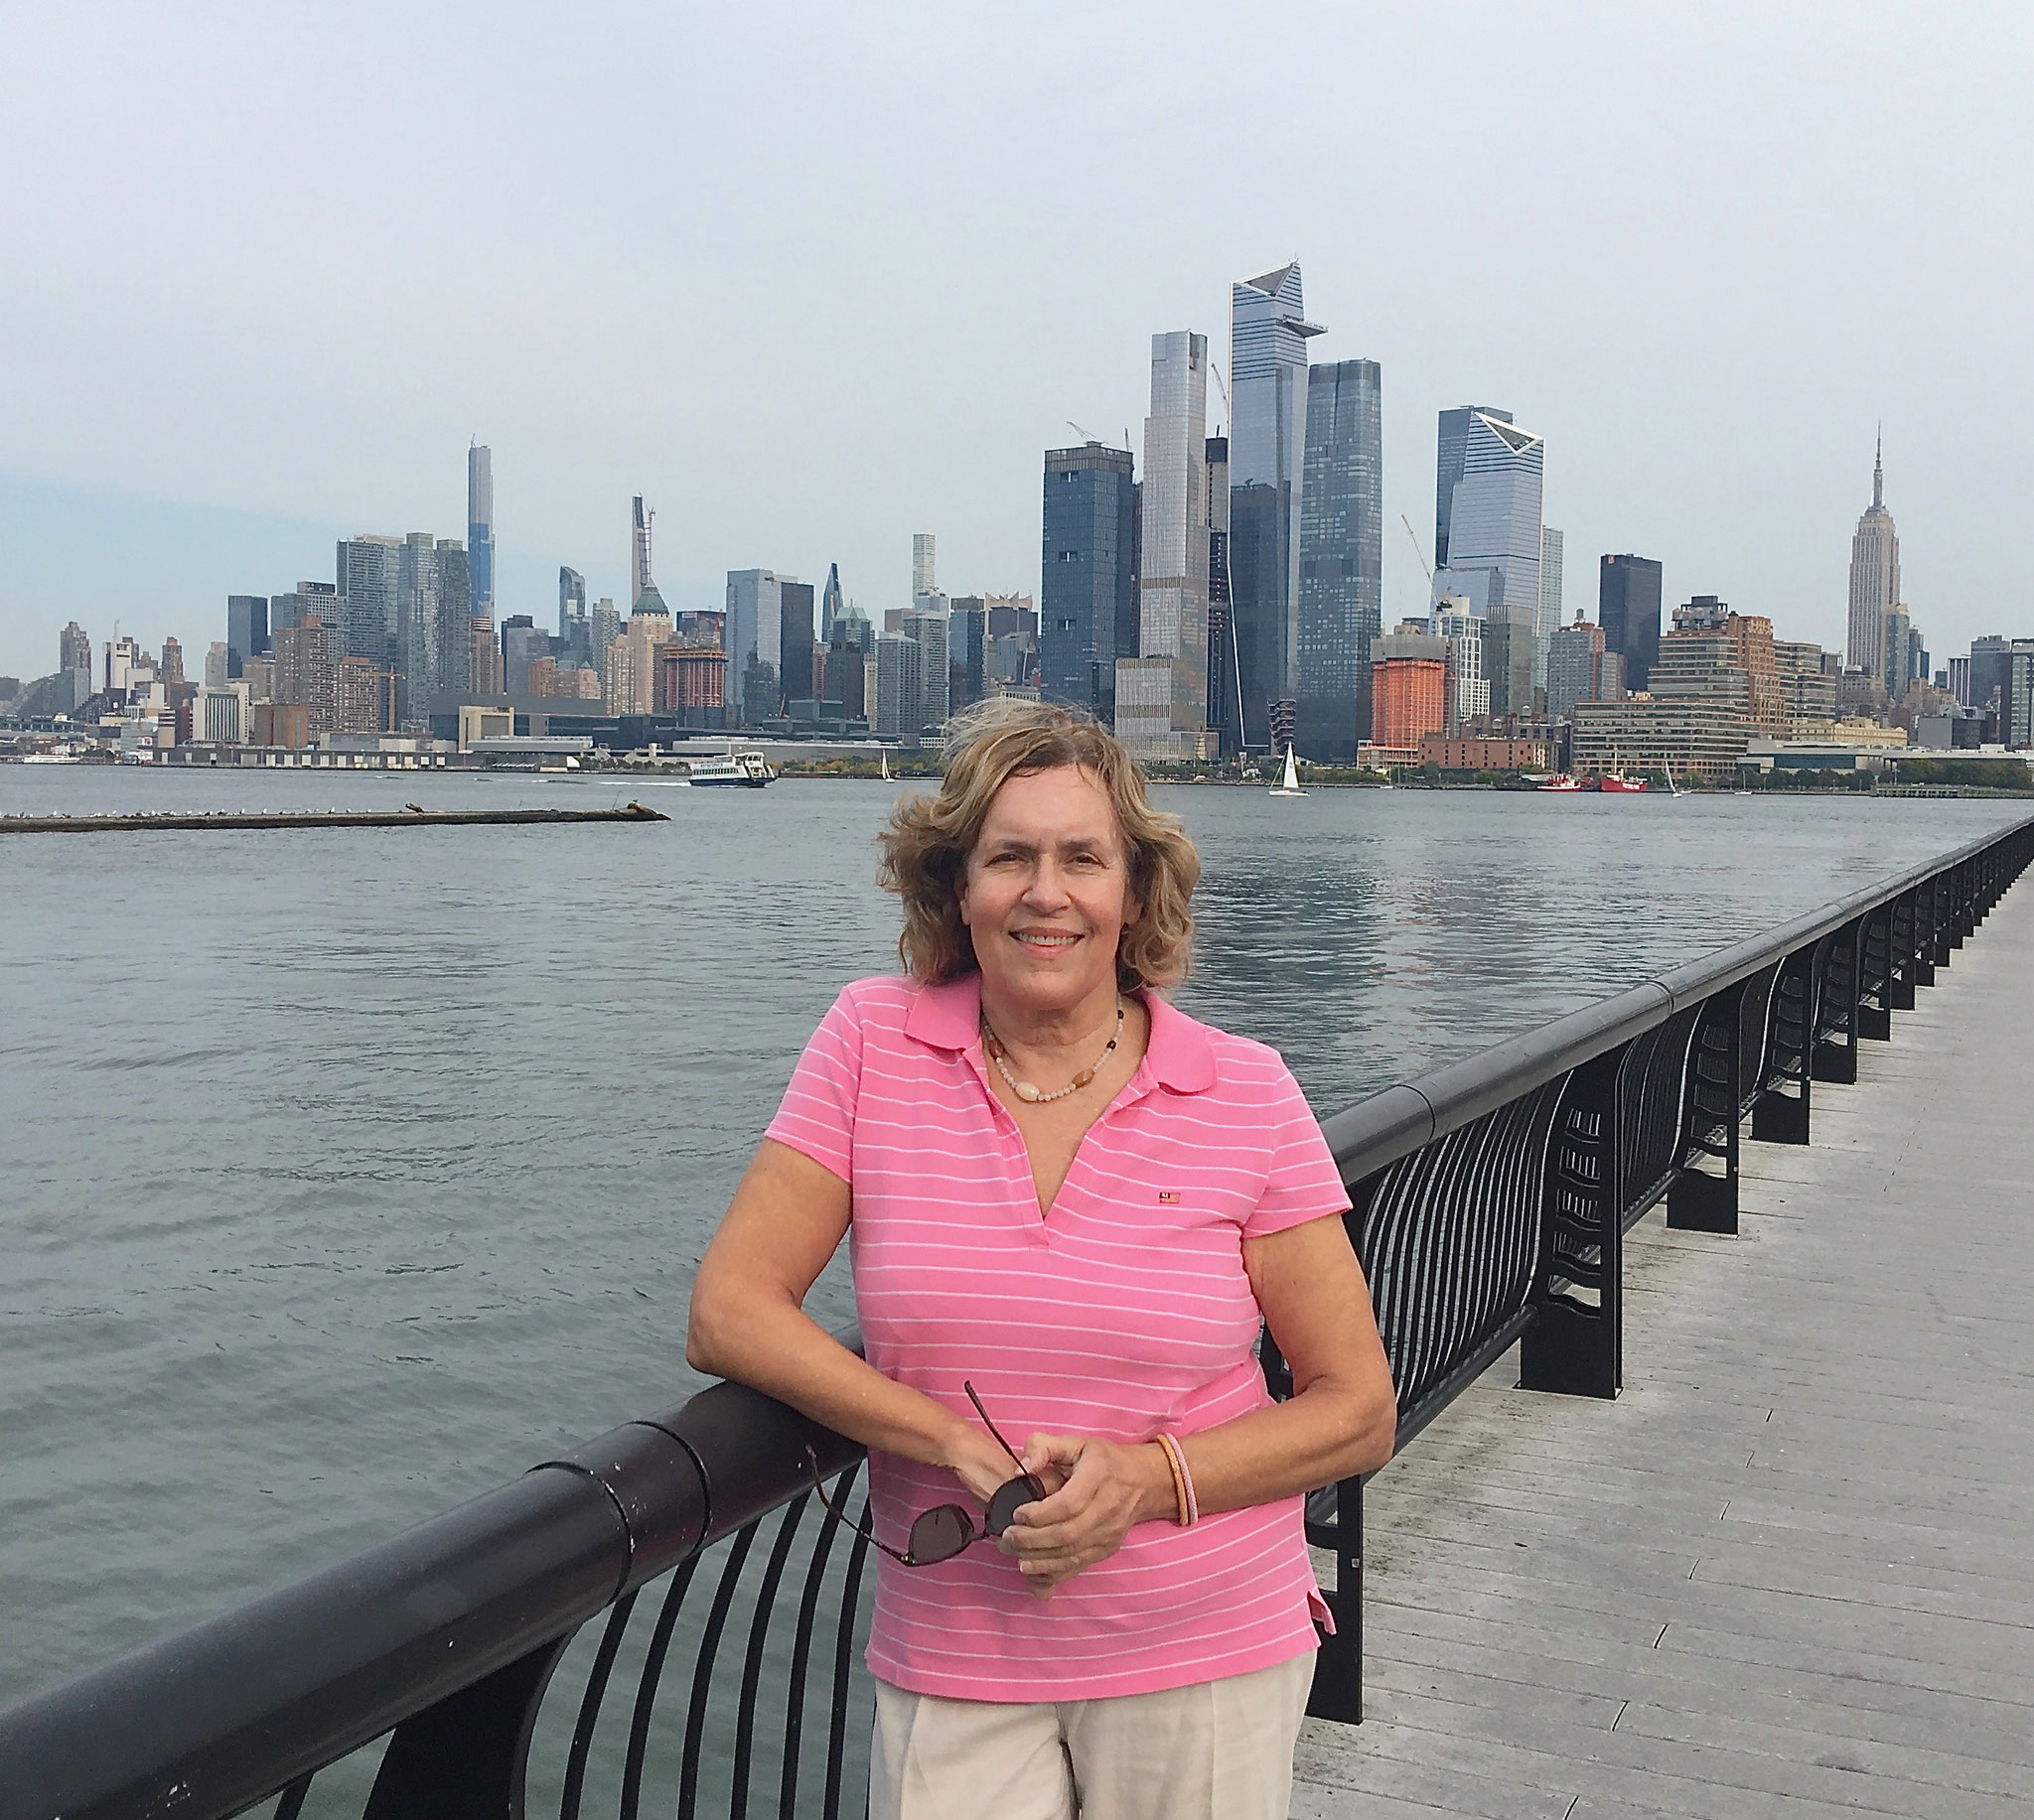 at Ferry Pier 14 in Hoboken, NJ  10-10-20